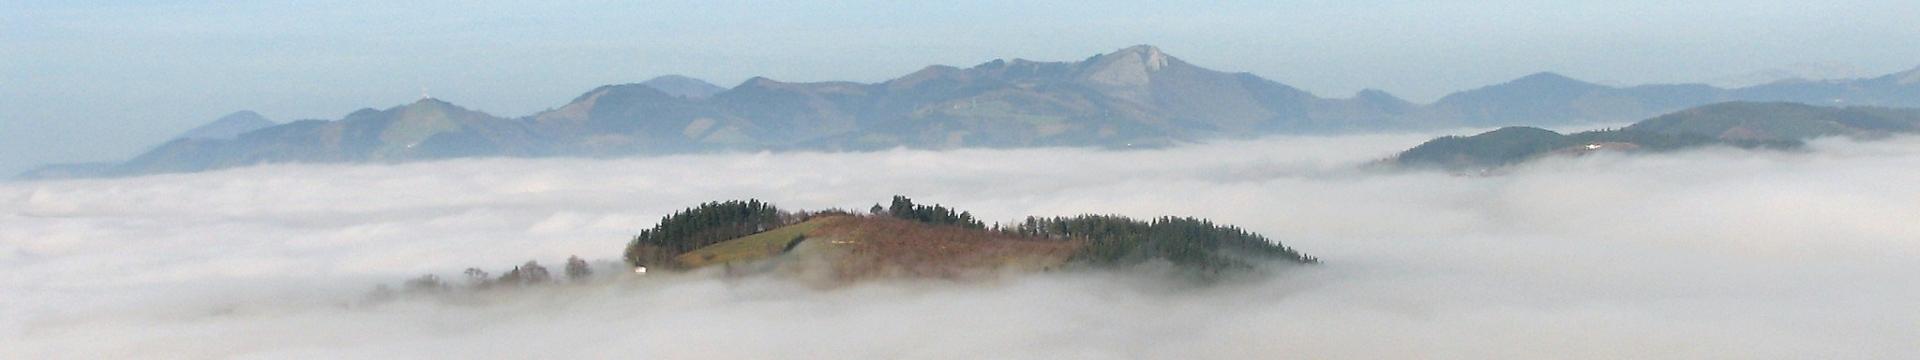 Lo que emerge tras la niebla